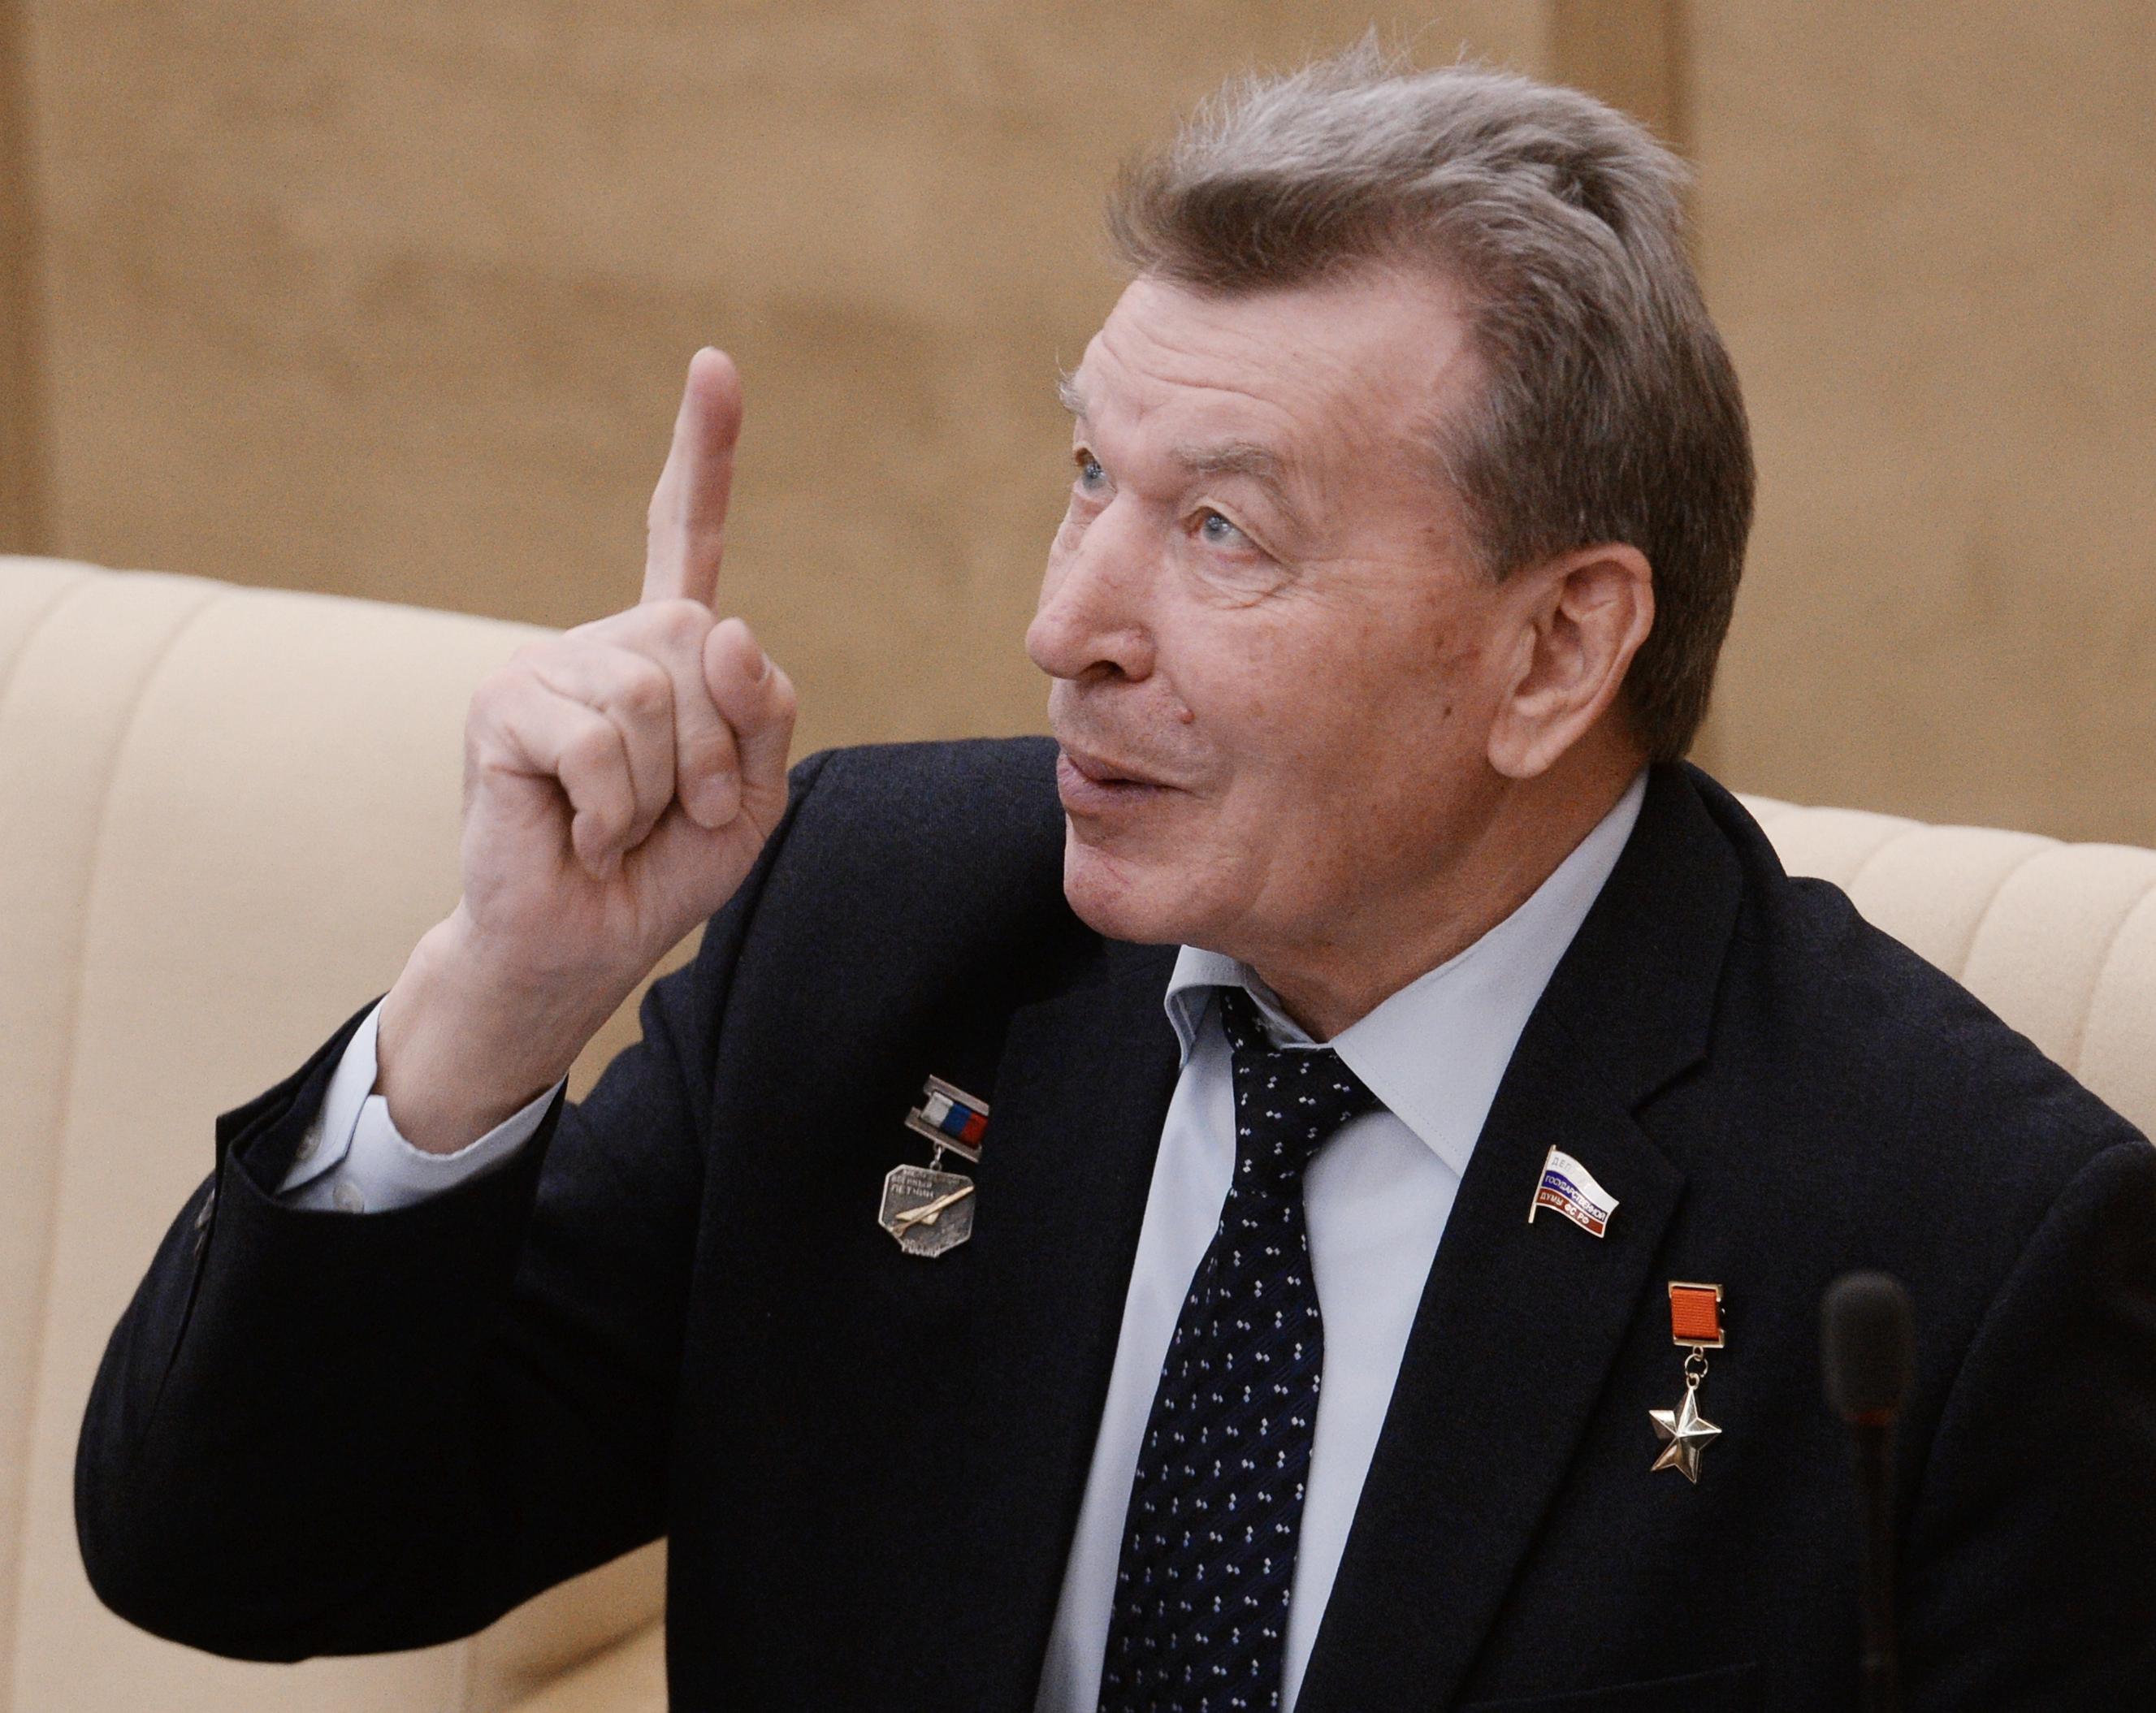 Meghalt a csernobili katasztrófa egyik hőse